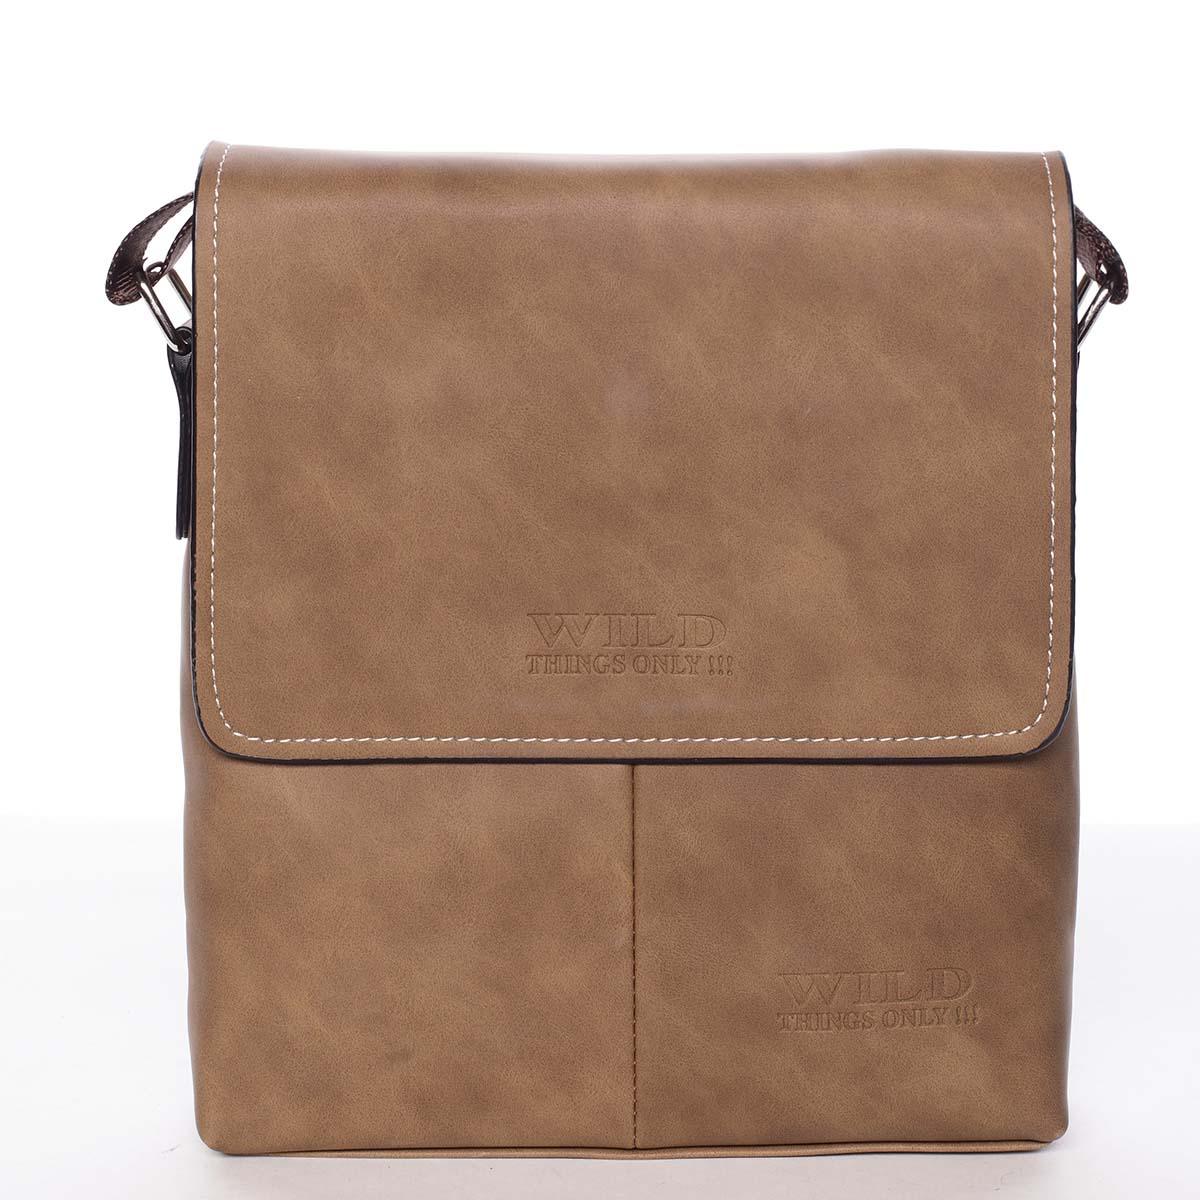 Moderní hnědá pánská taška přes rameno - WILD Adapa